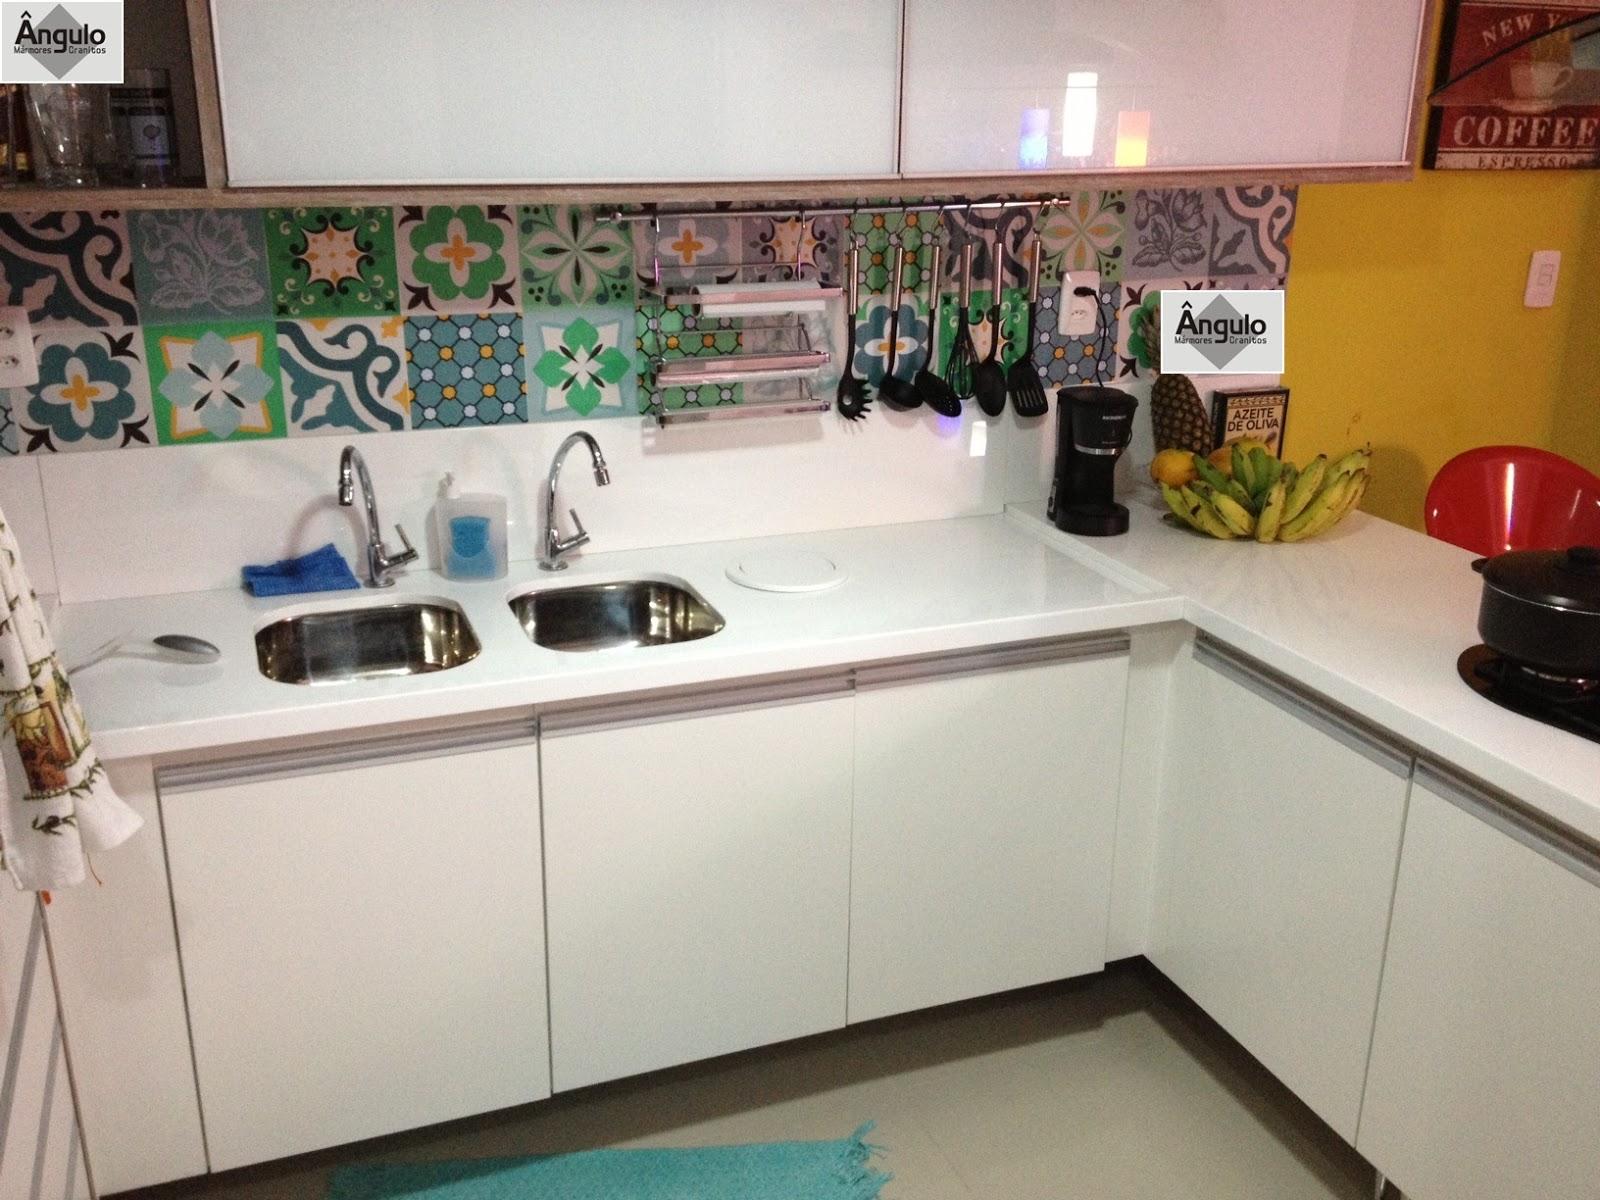 Ângulo Mármores e Granitos: Cozinha Balcão e Mesa em Nanoglass #AD791E 1600x1200 Balcao Banheiro Fabrica